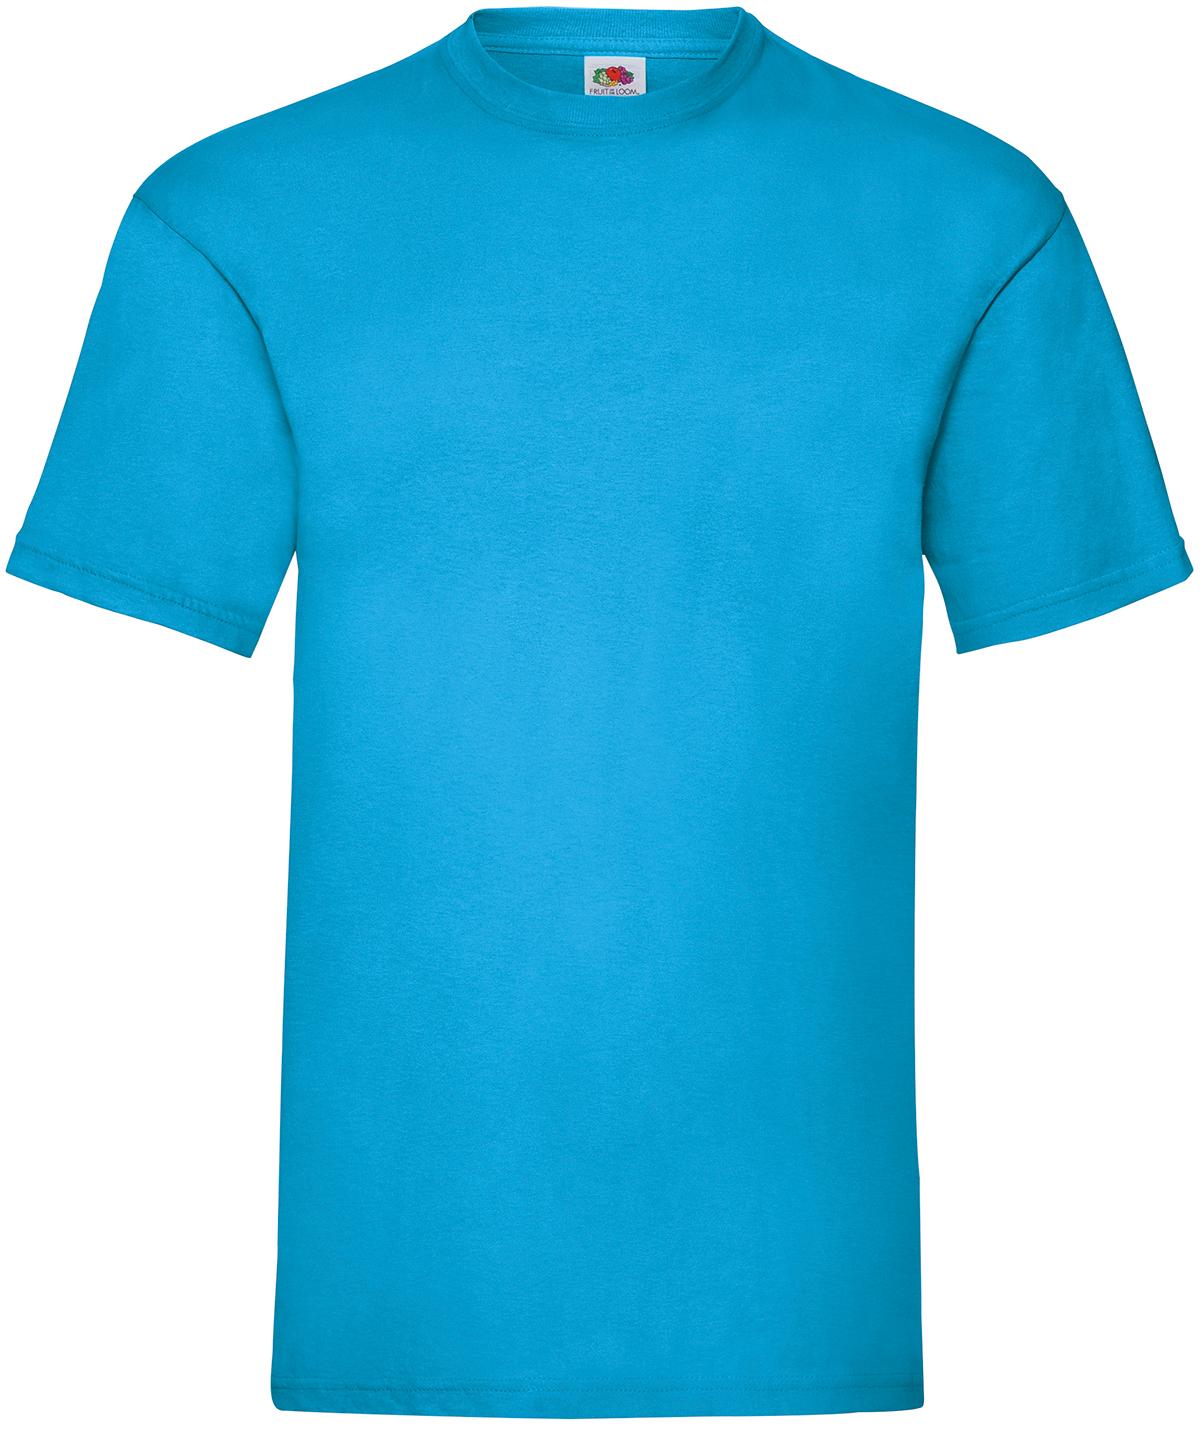 Indexbild 9 - Fruit of the Loom UNISEX T-Shirt Bestseller Top Angebot Herren Damen NEU